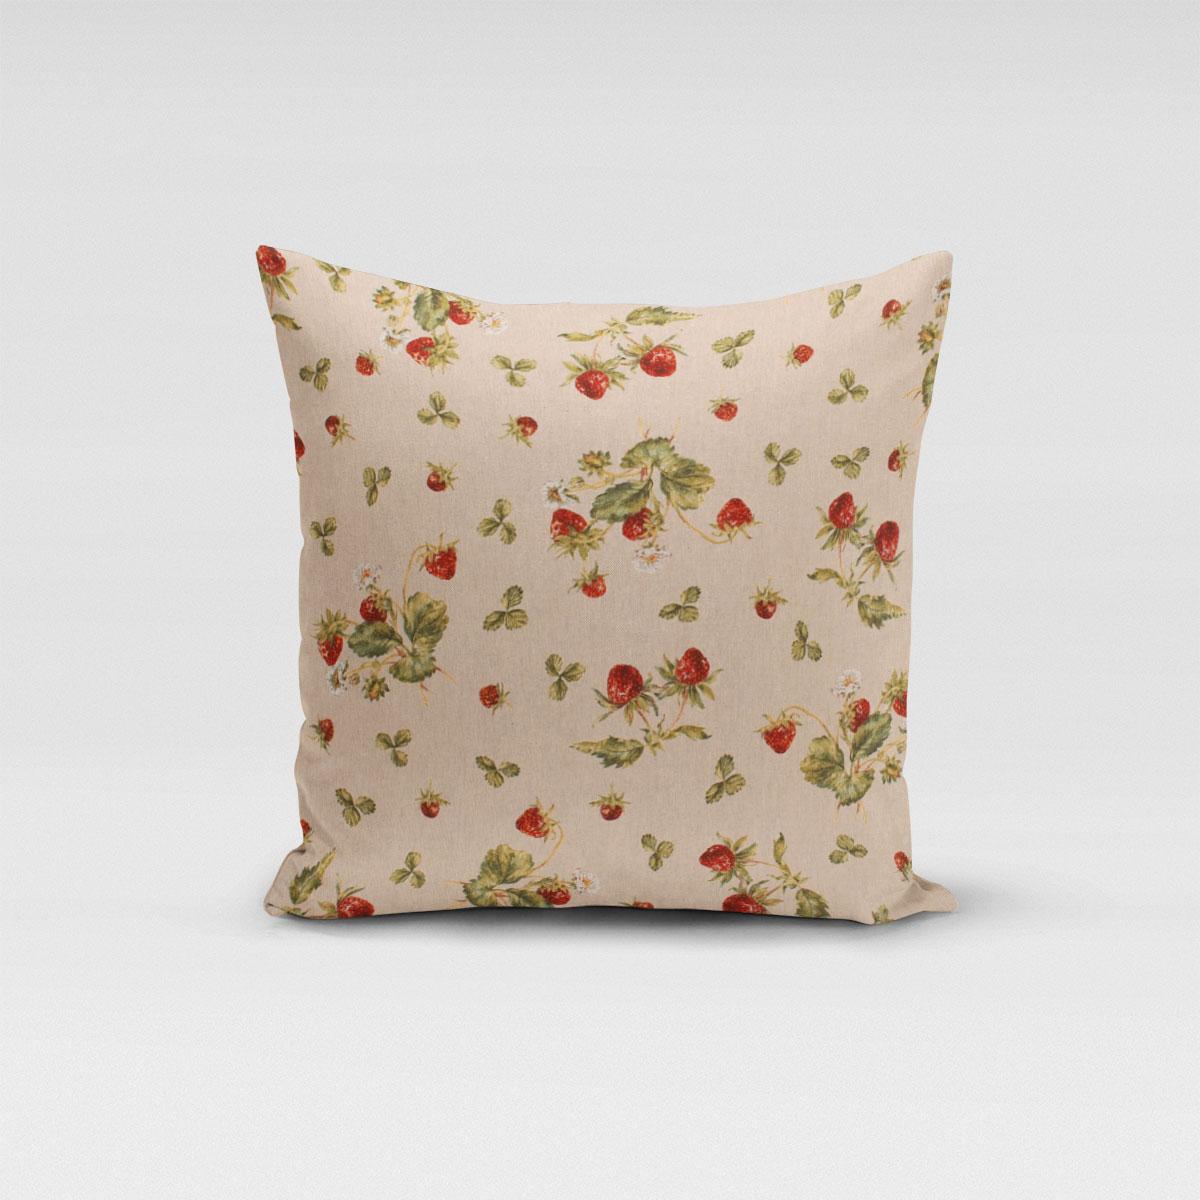 SCHÖNER LEBEN. Kissenhülle Leinenlook Strawberrys Growing Erdbeeren natur rot grün verschiedene Größen